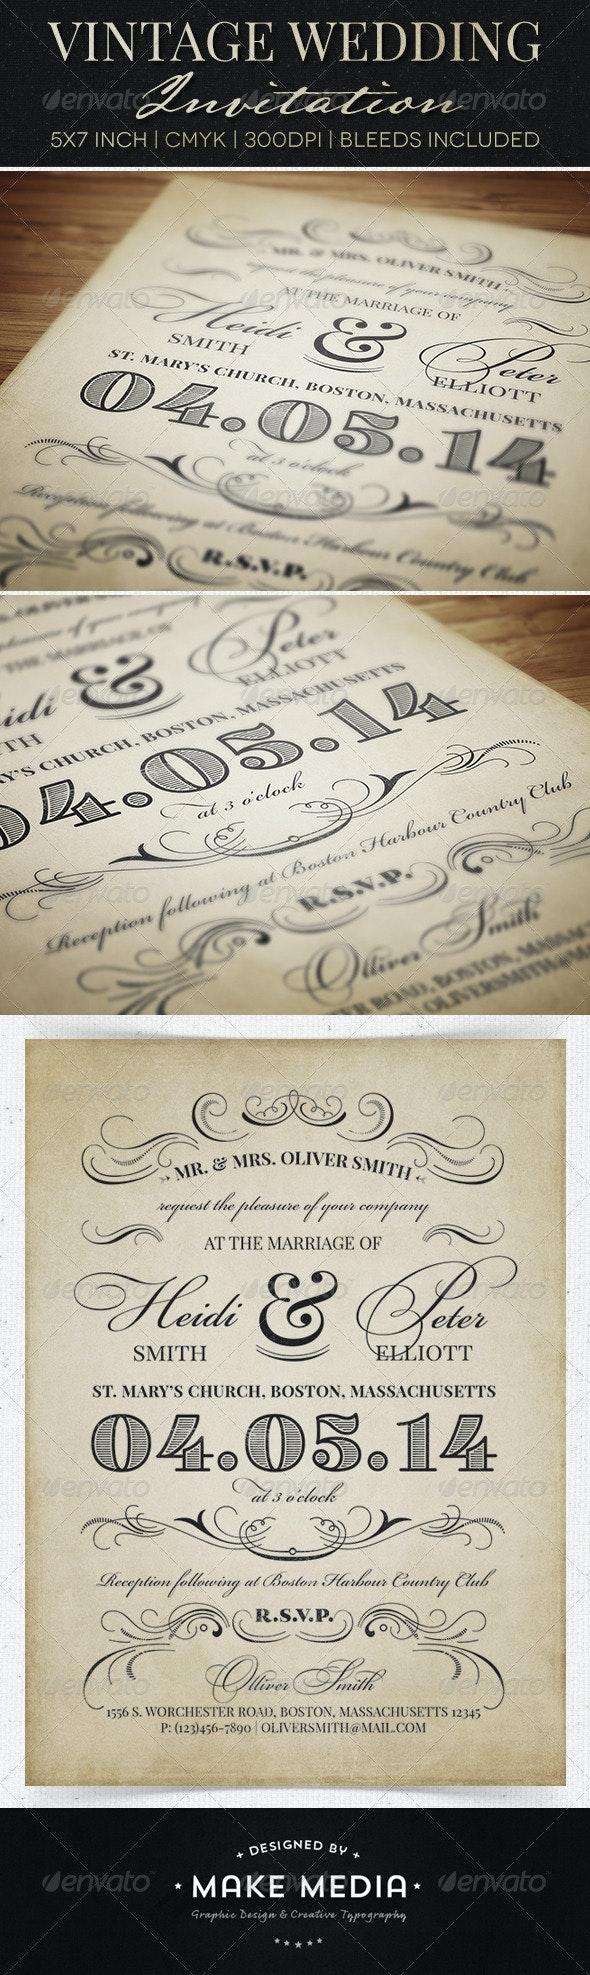 Vintage Wedding Invitation - Weddings Cards & Invites